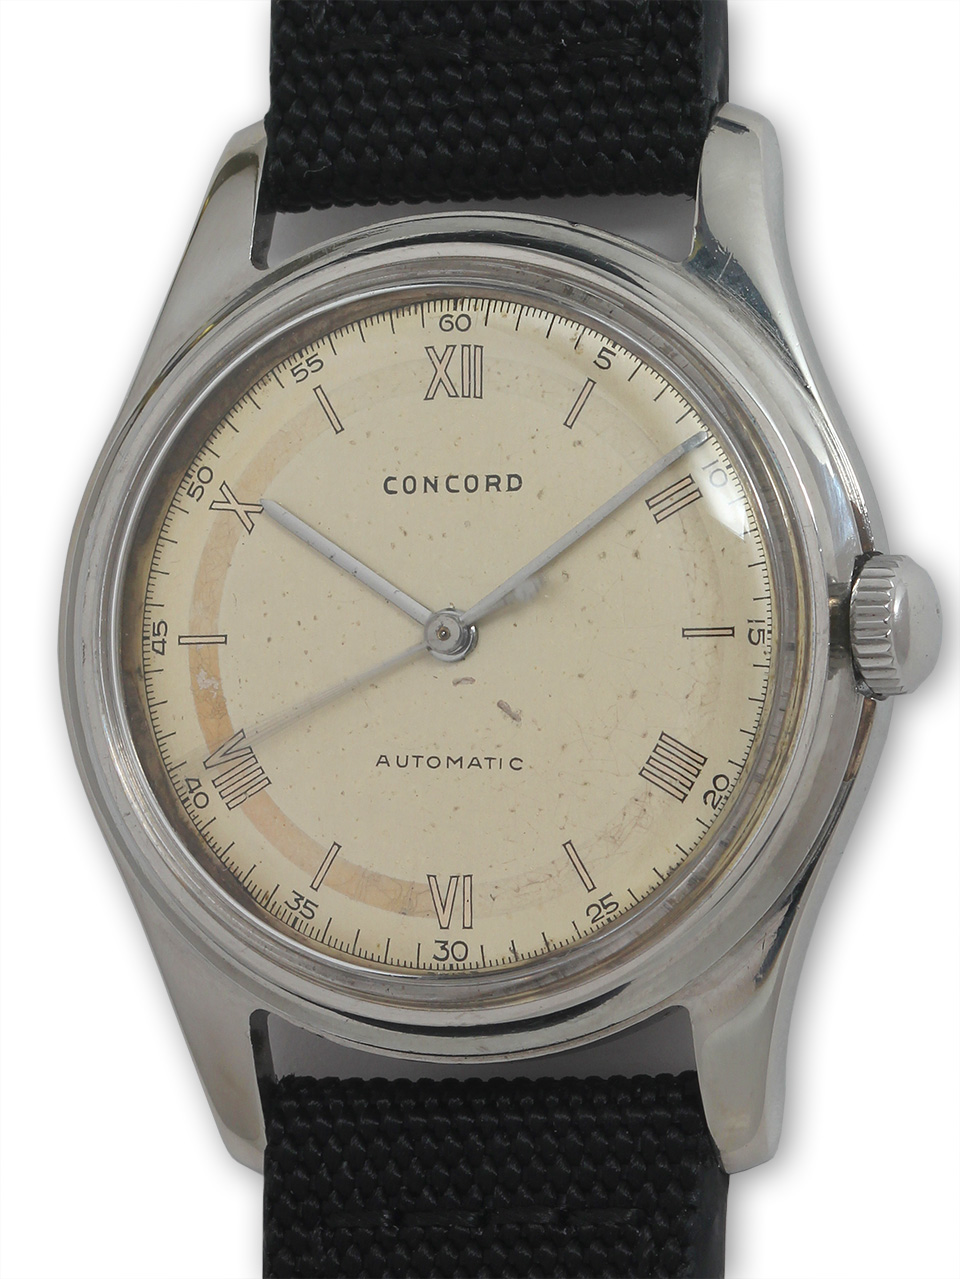 Concord SS Automatic circa 1950's